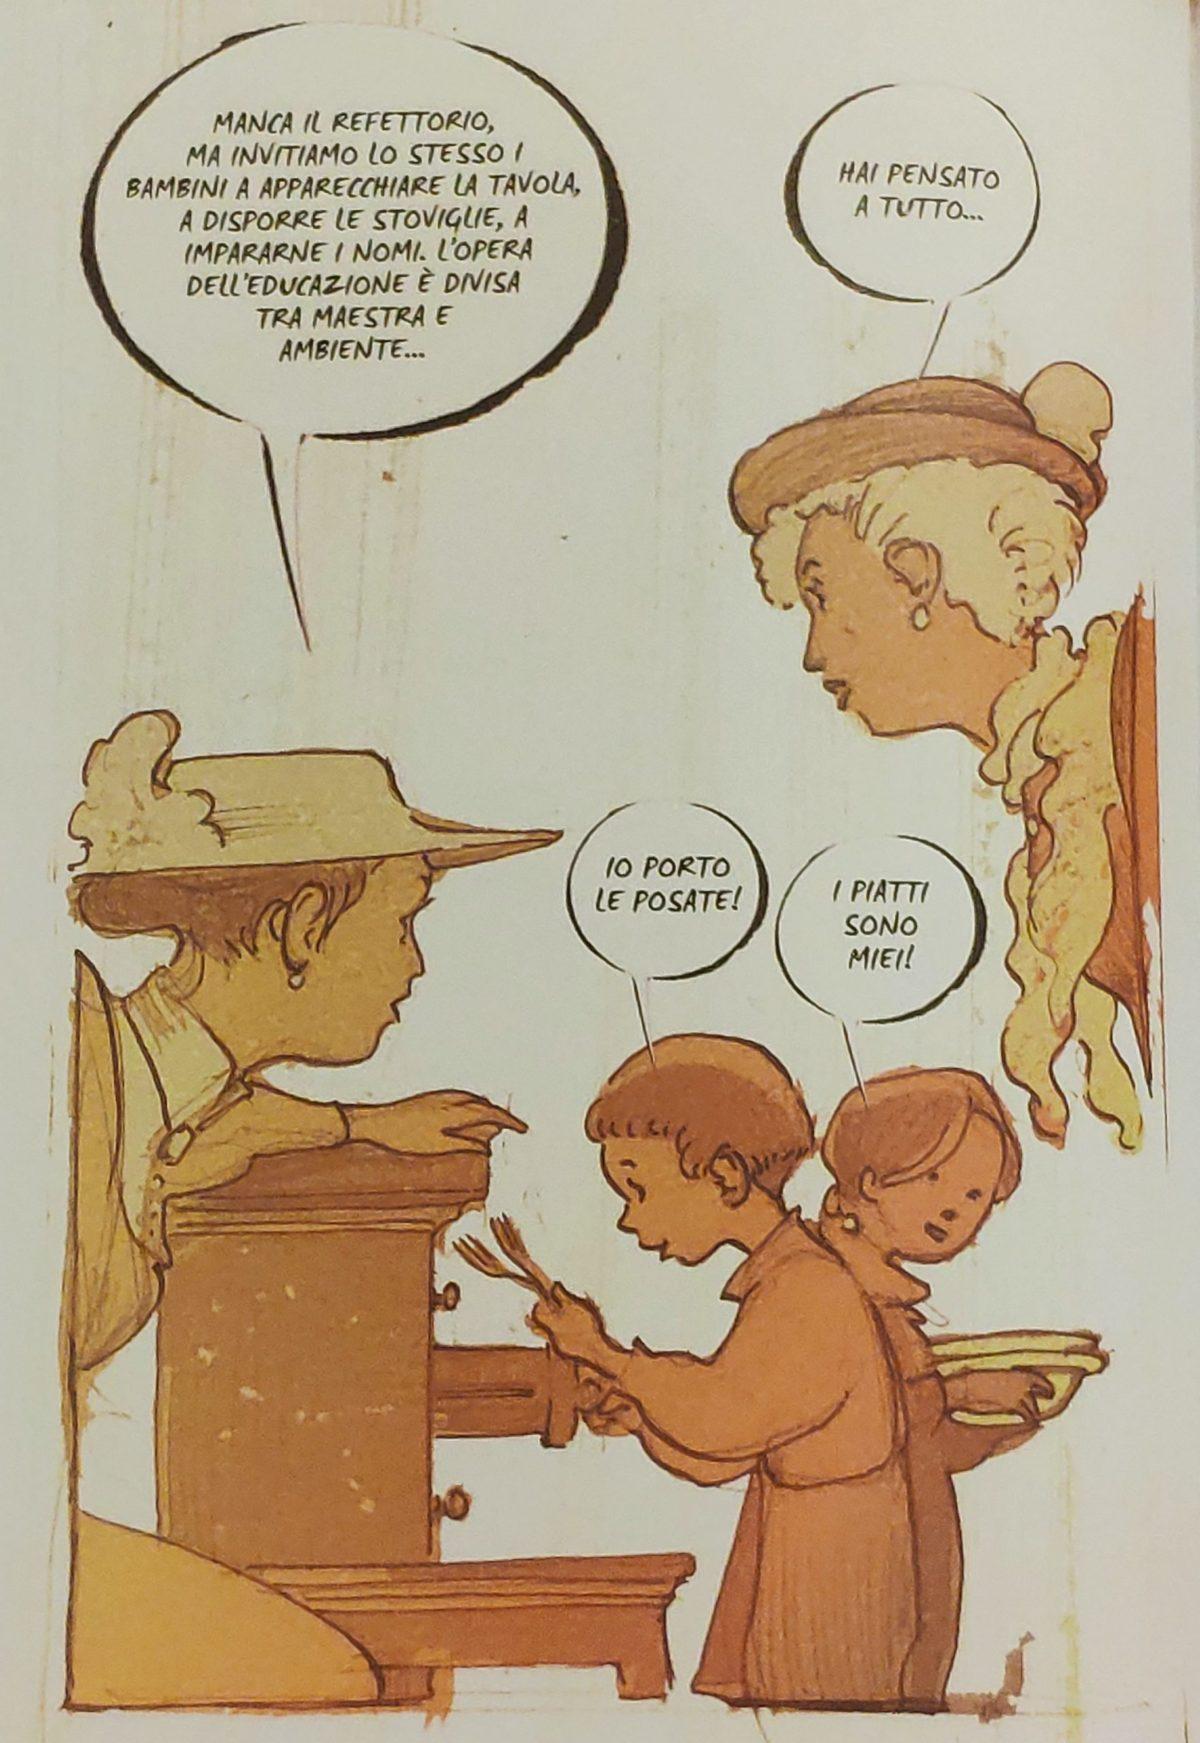 Mio caro fumetto… – Bambini autonomi nell'apparecchiare e disporre le stoviglie